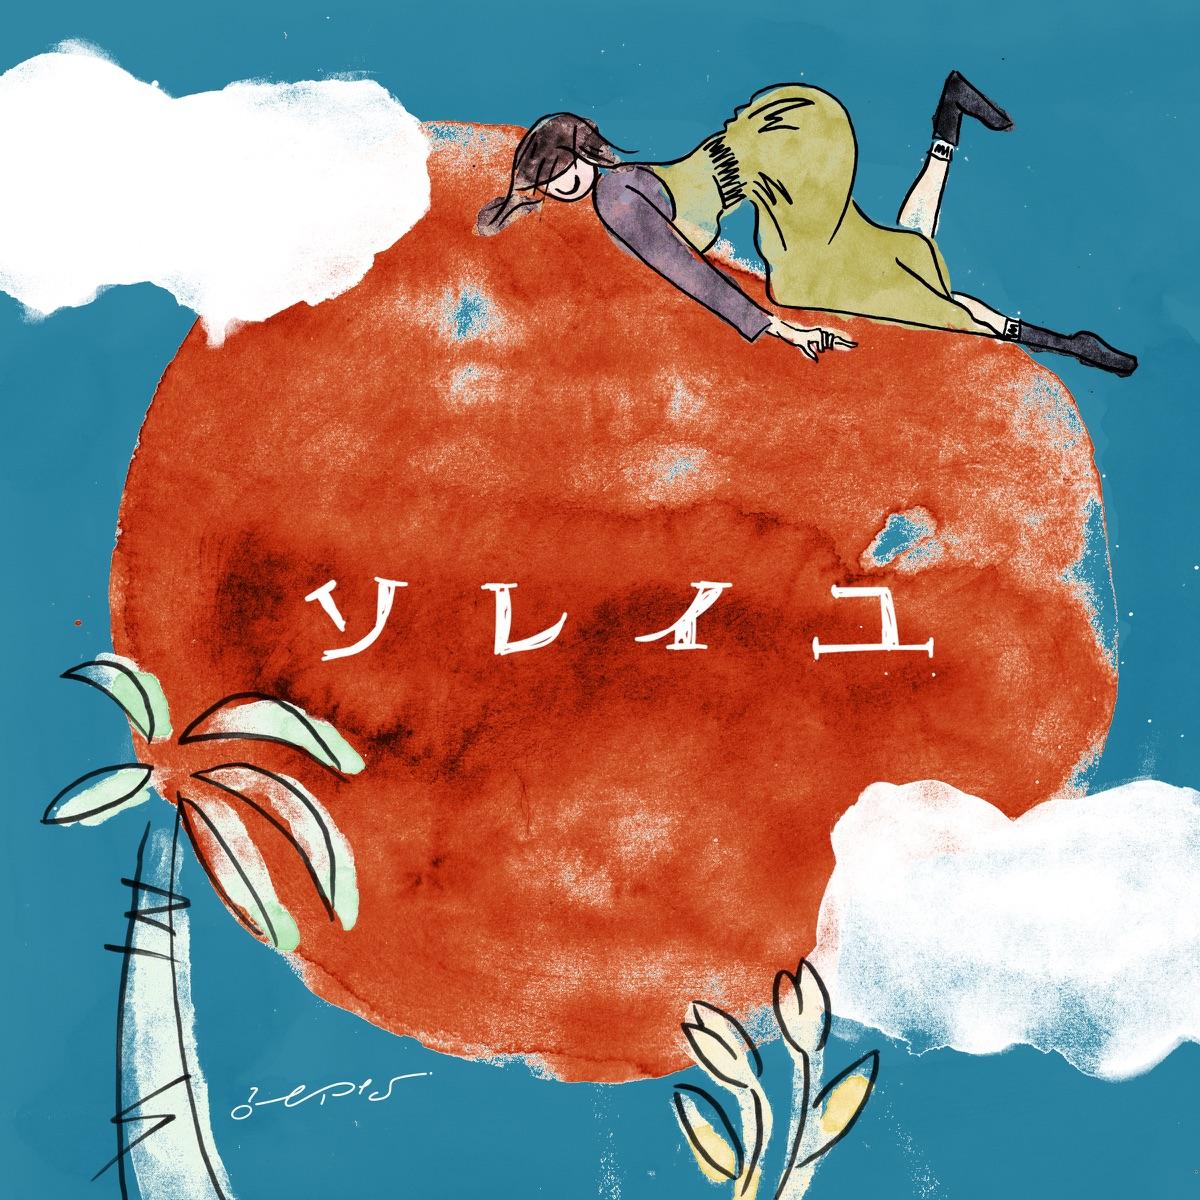 『みゆな - ソレイユ』収録の『ソレイユ』ジャケット